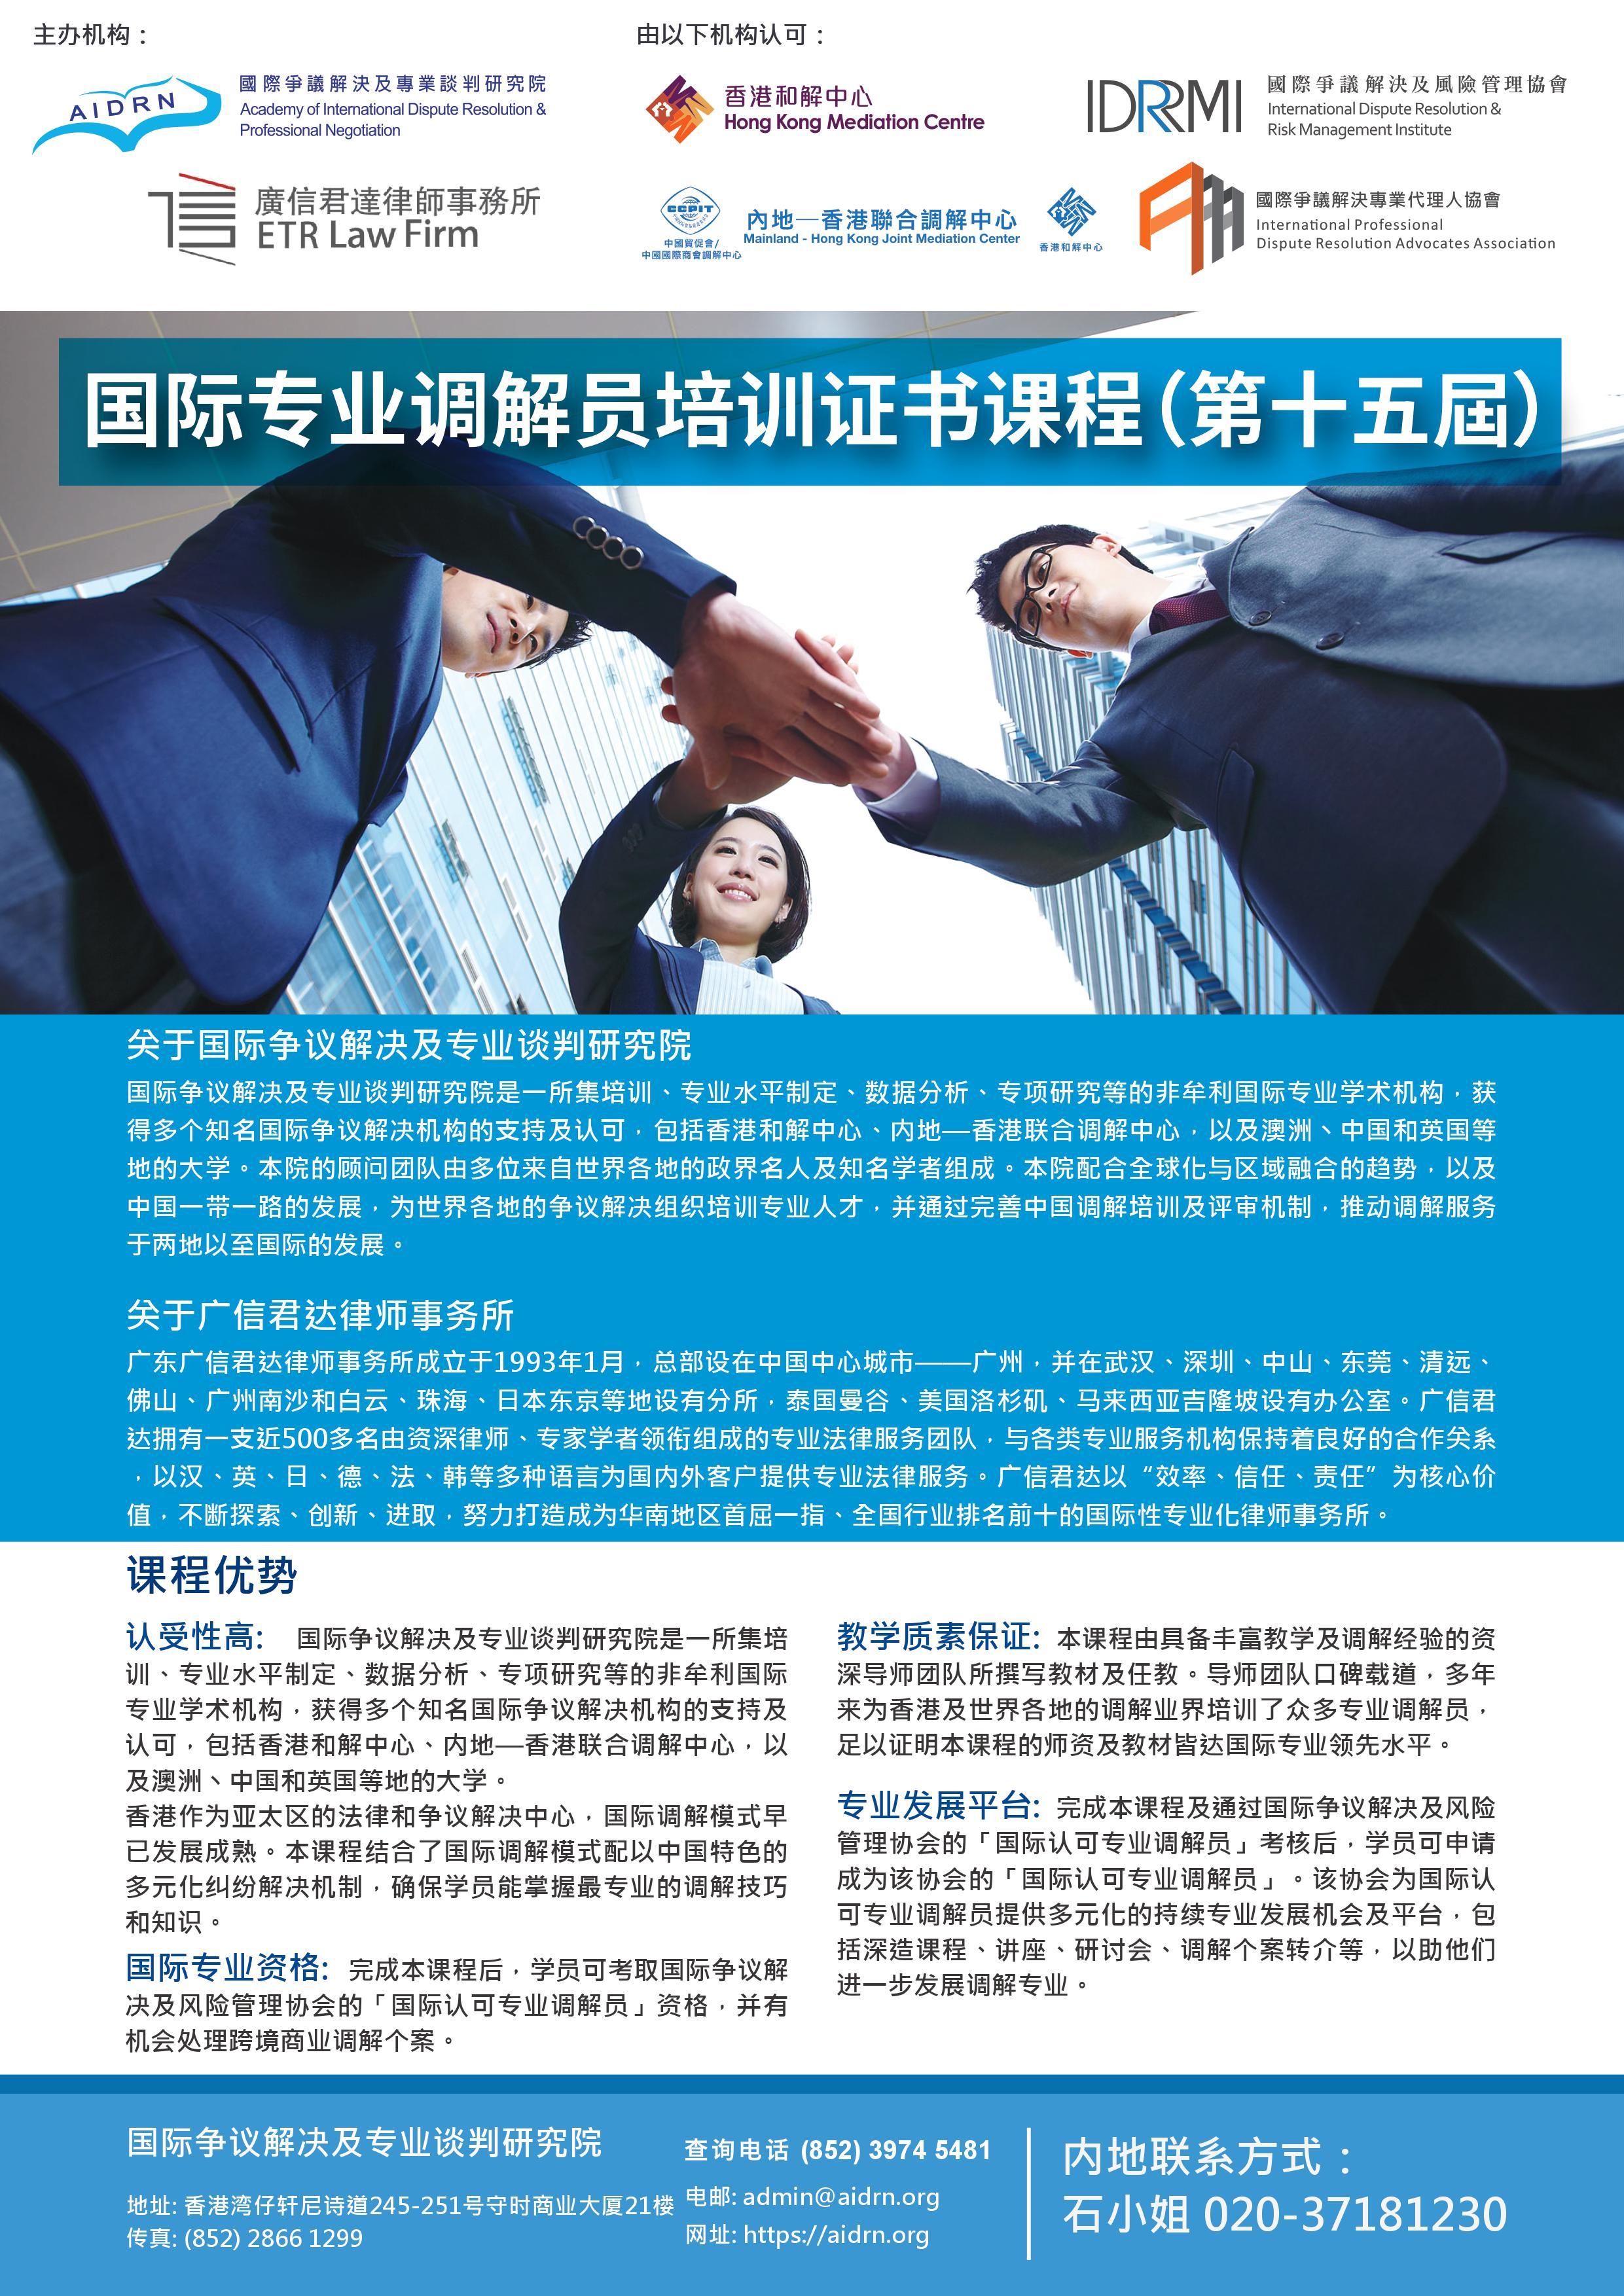 第十五届国际专业调解员培训证书课程 (广州) Flyer-1